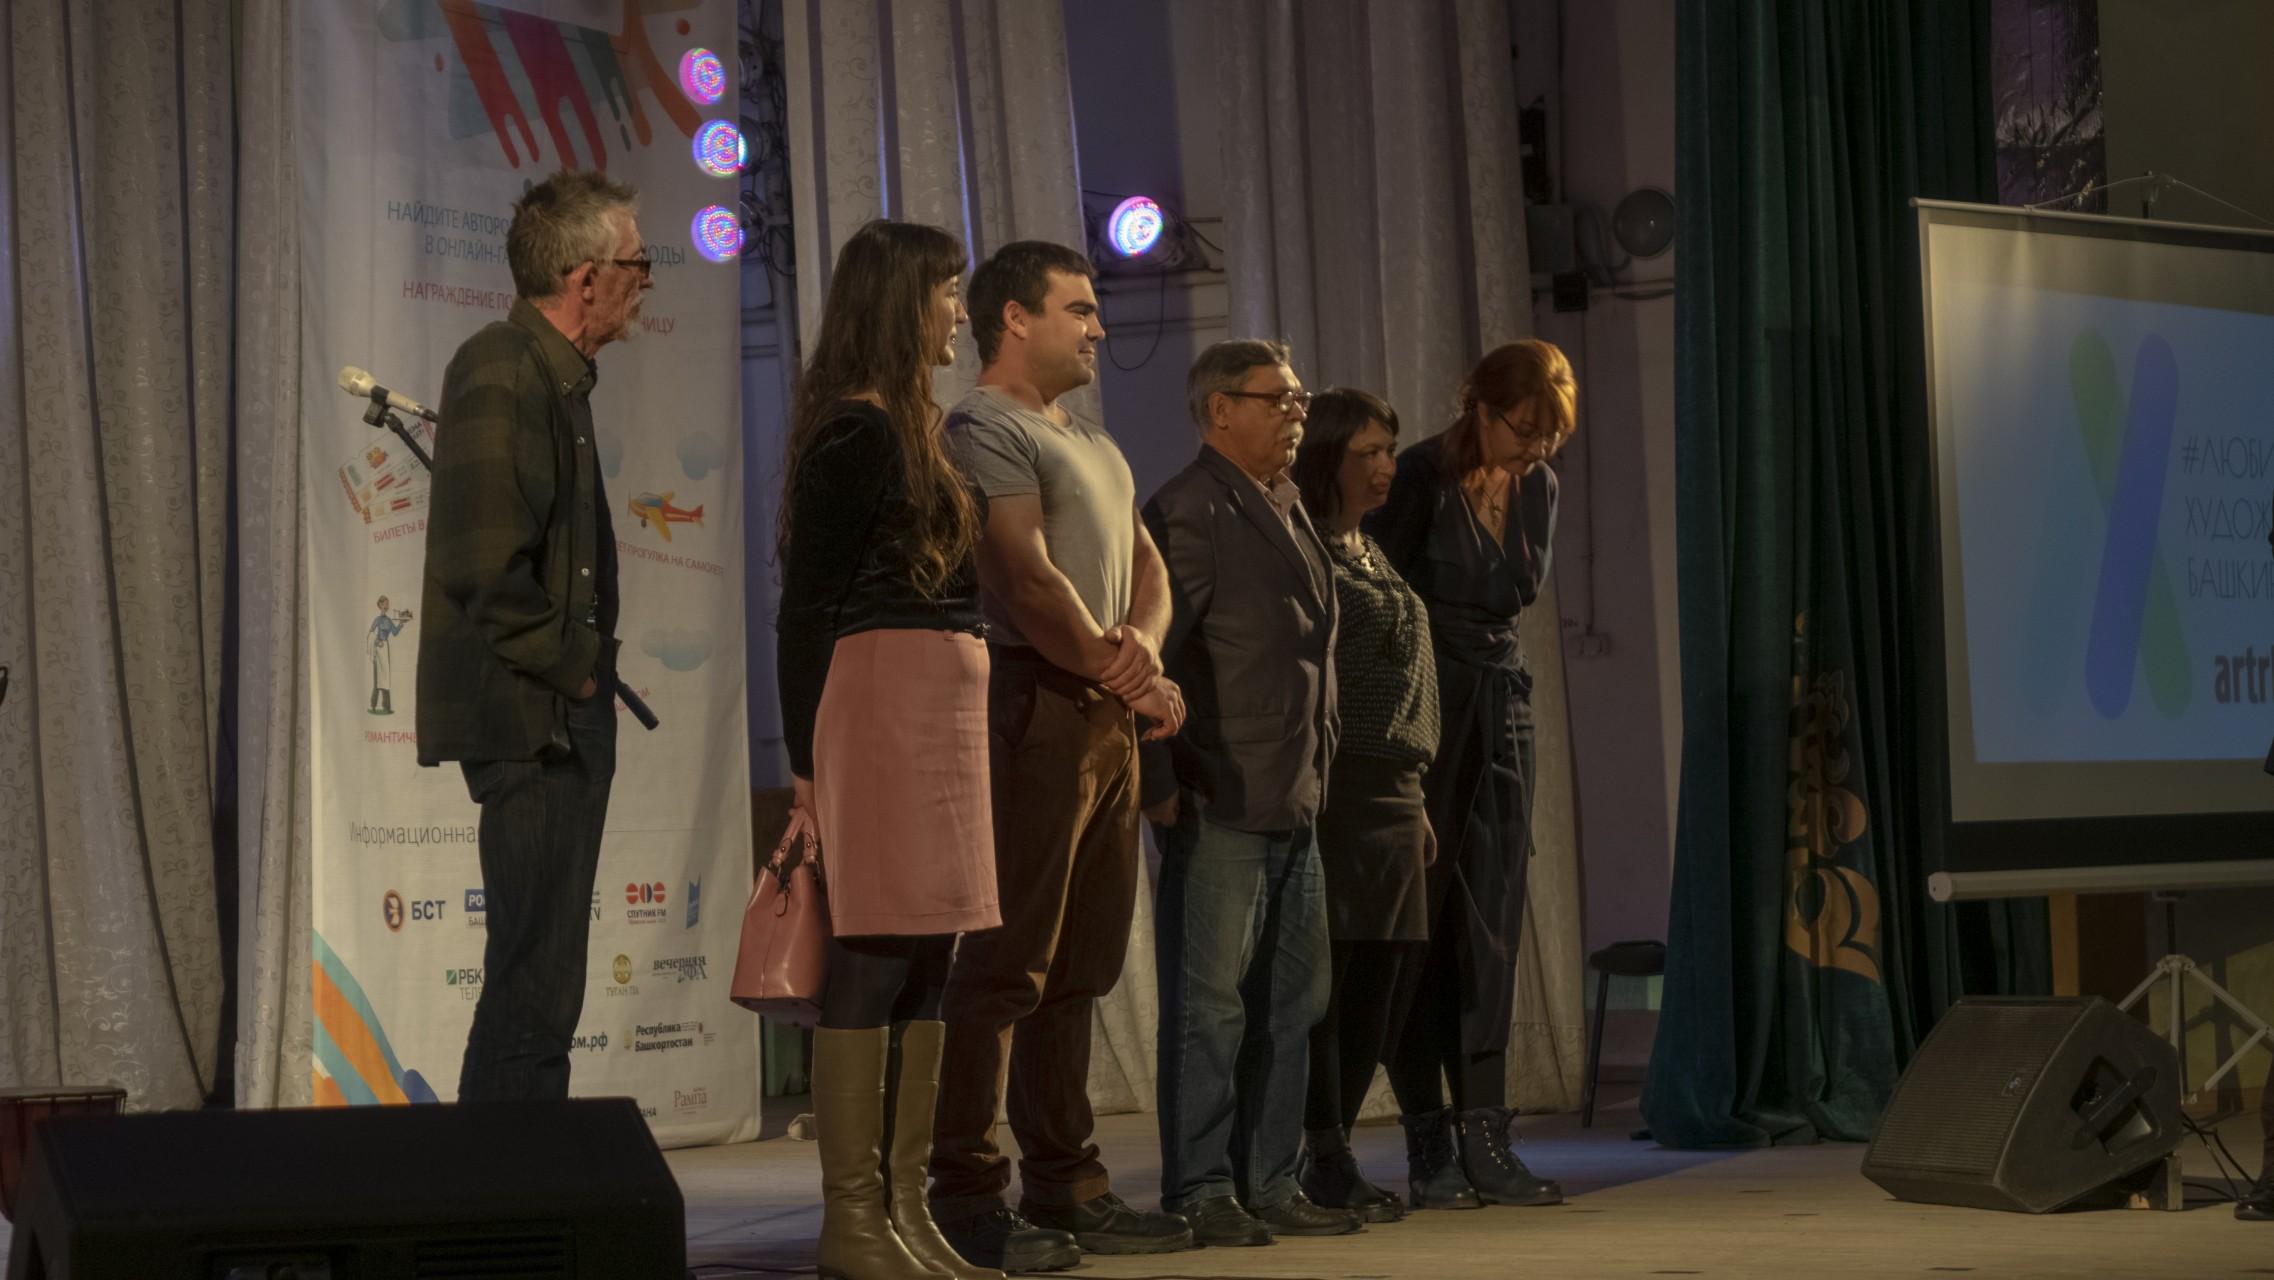 Художественный тур проекта №21 – встреча с художниками в городе Учалы